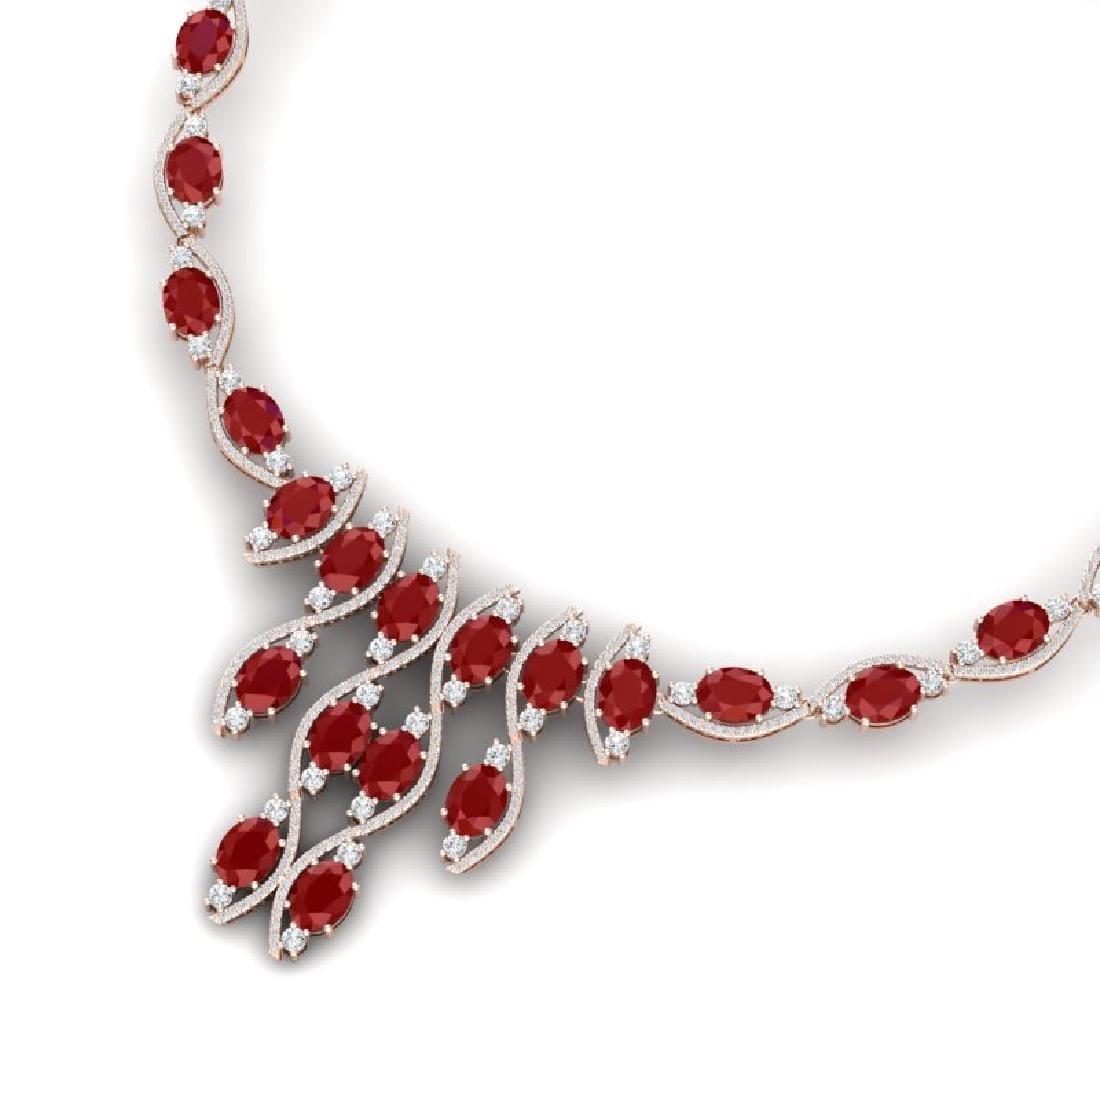 65.93 CTW Royalty Ruby & VS Diamond Necklace 18K Rose